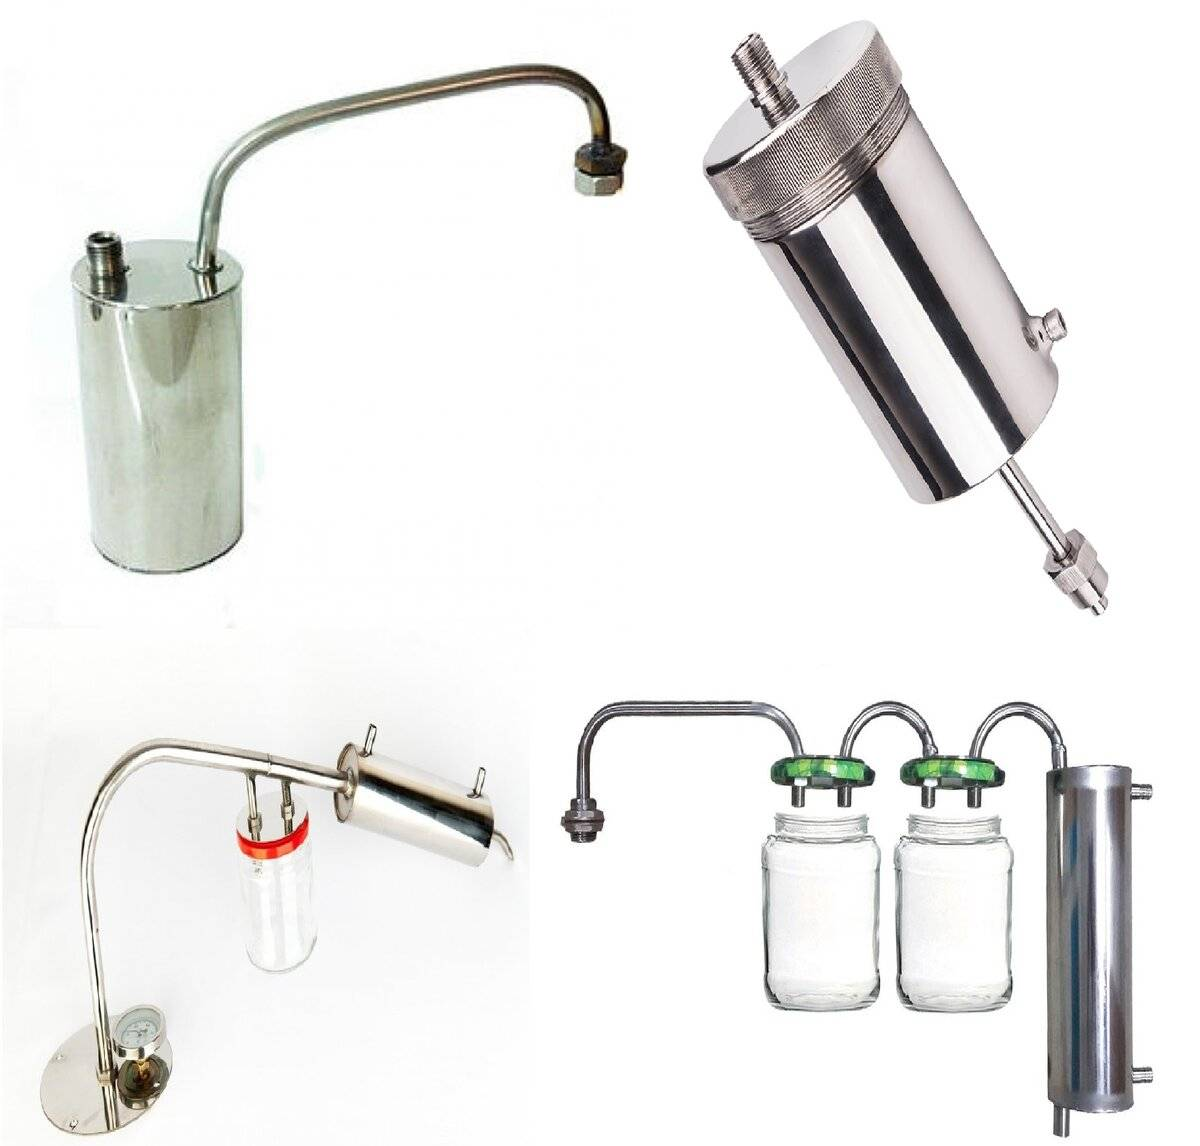 Очистка самогона: основные цели, советы профессионалов, способы удаления примесей и запаха в домашних условиях